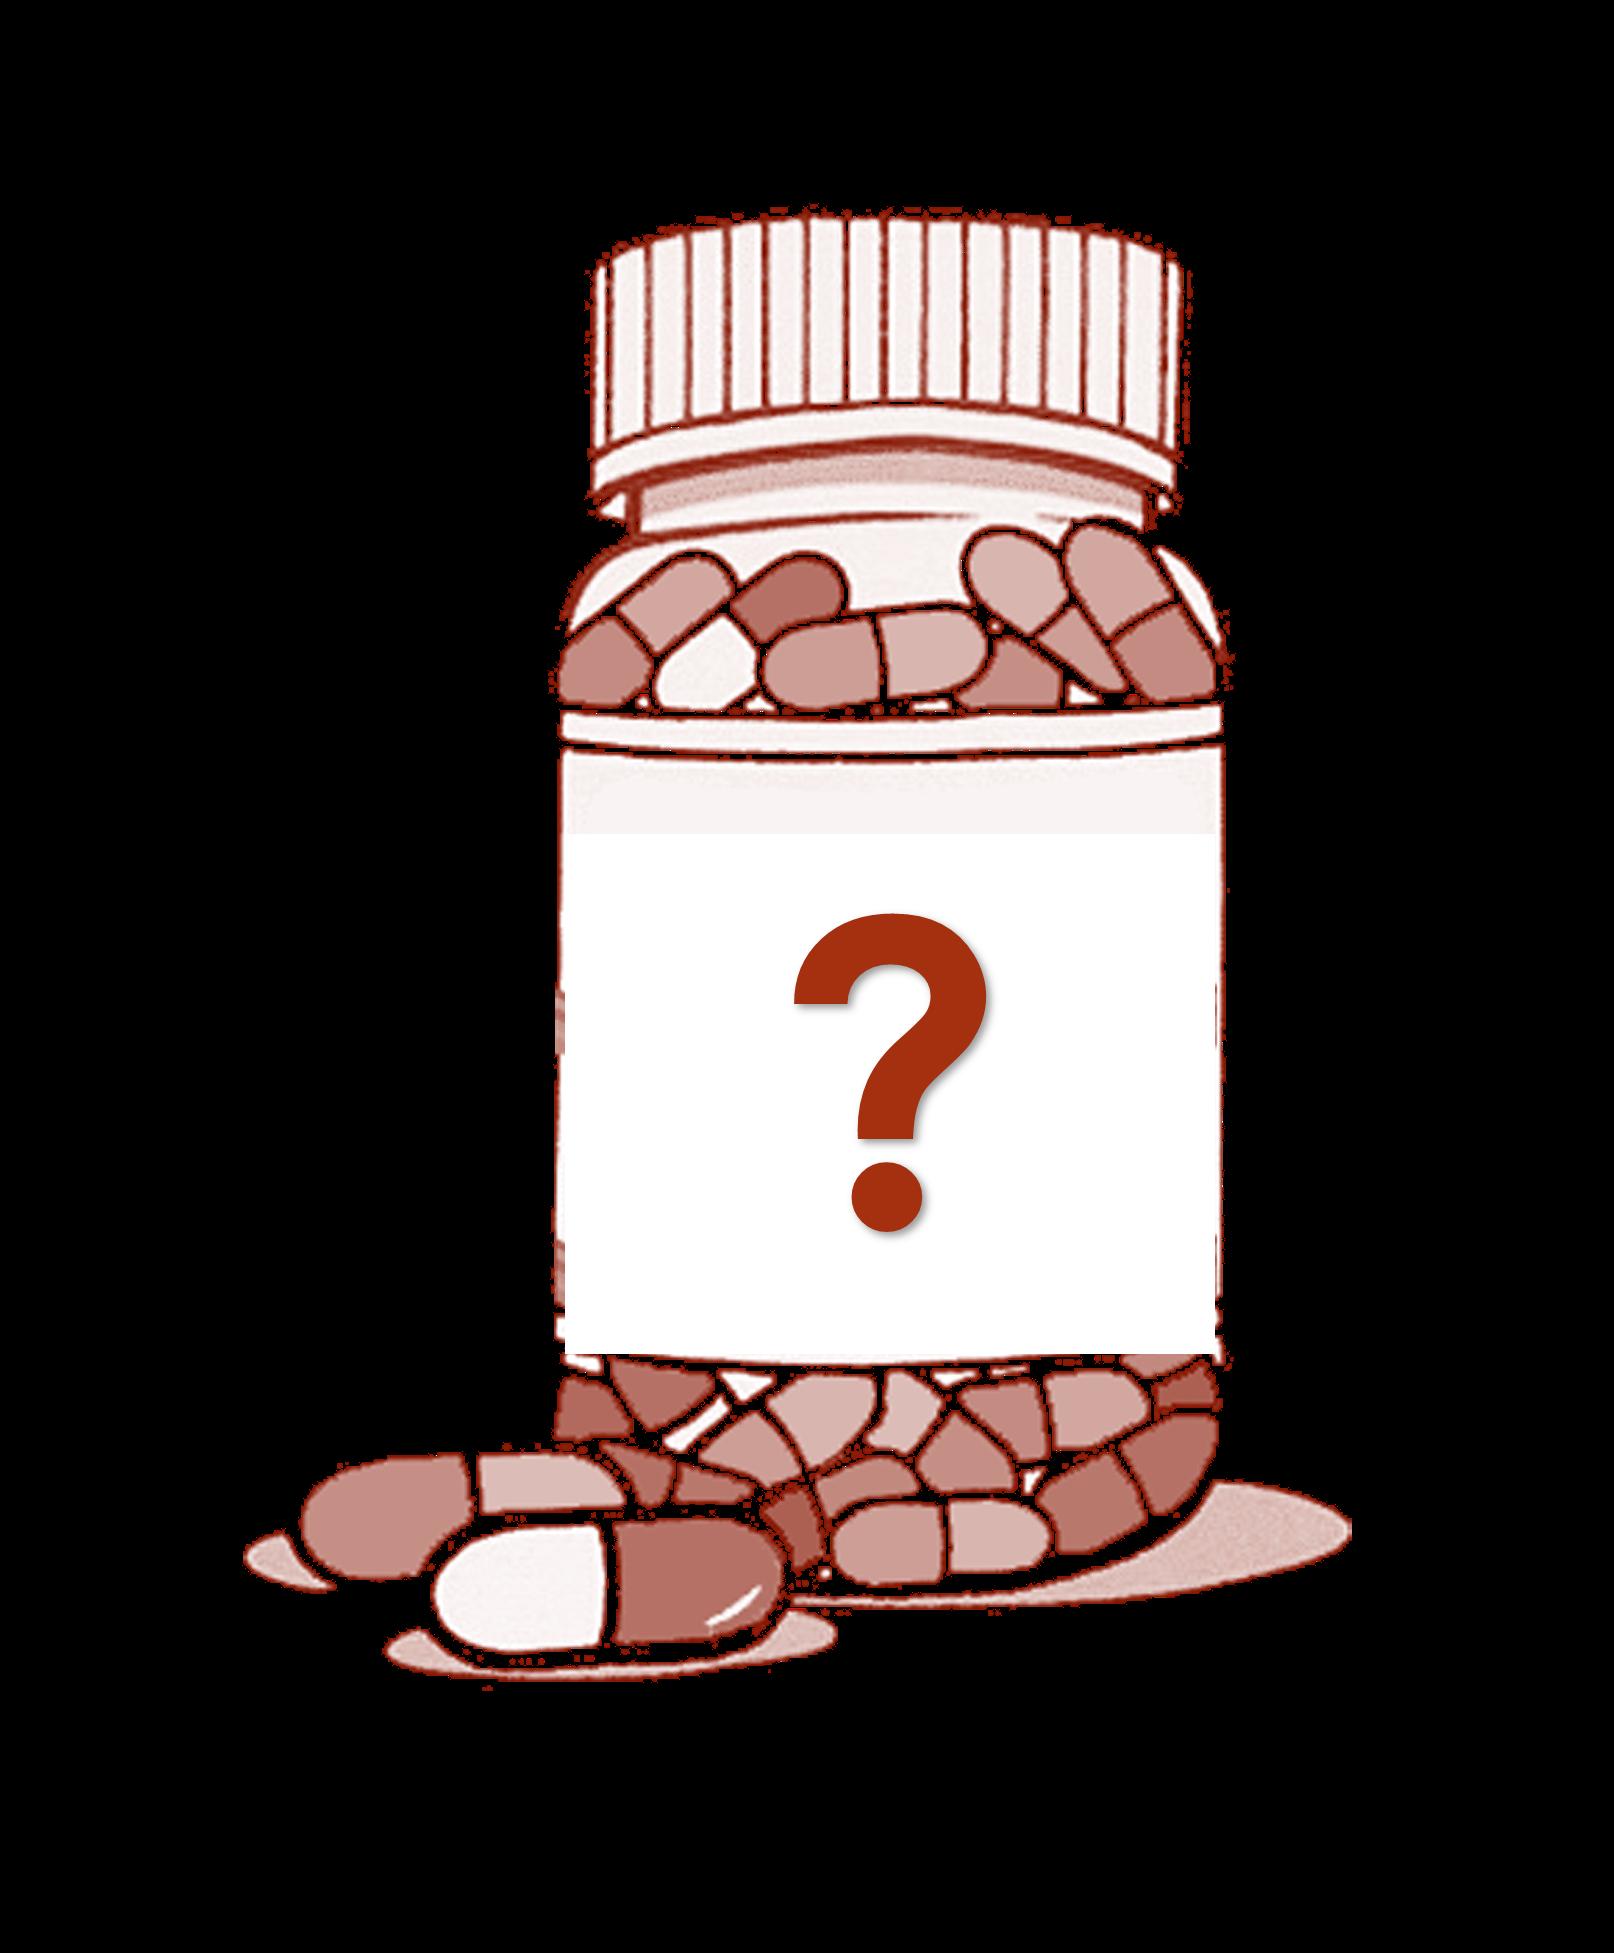 Patentar indicacion segundo uso medico